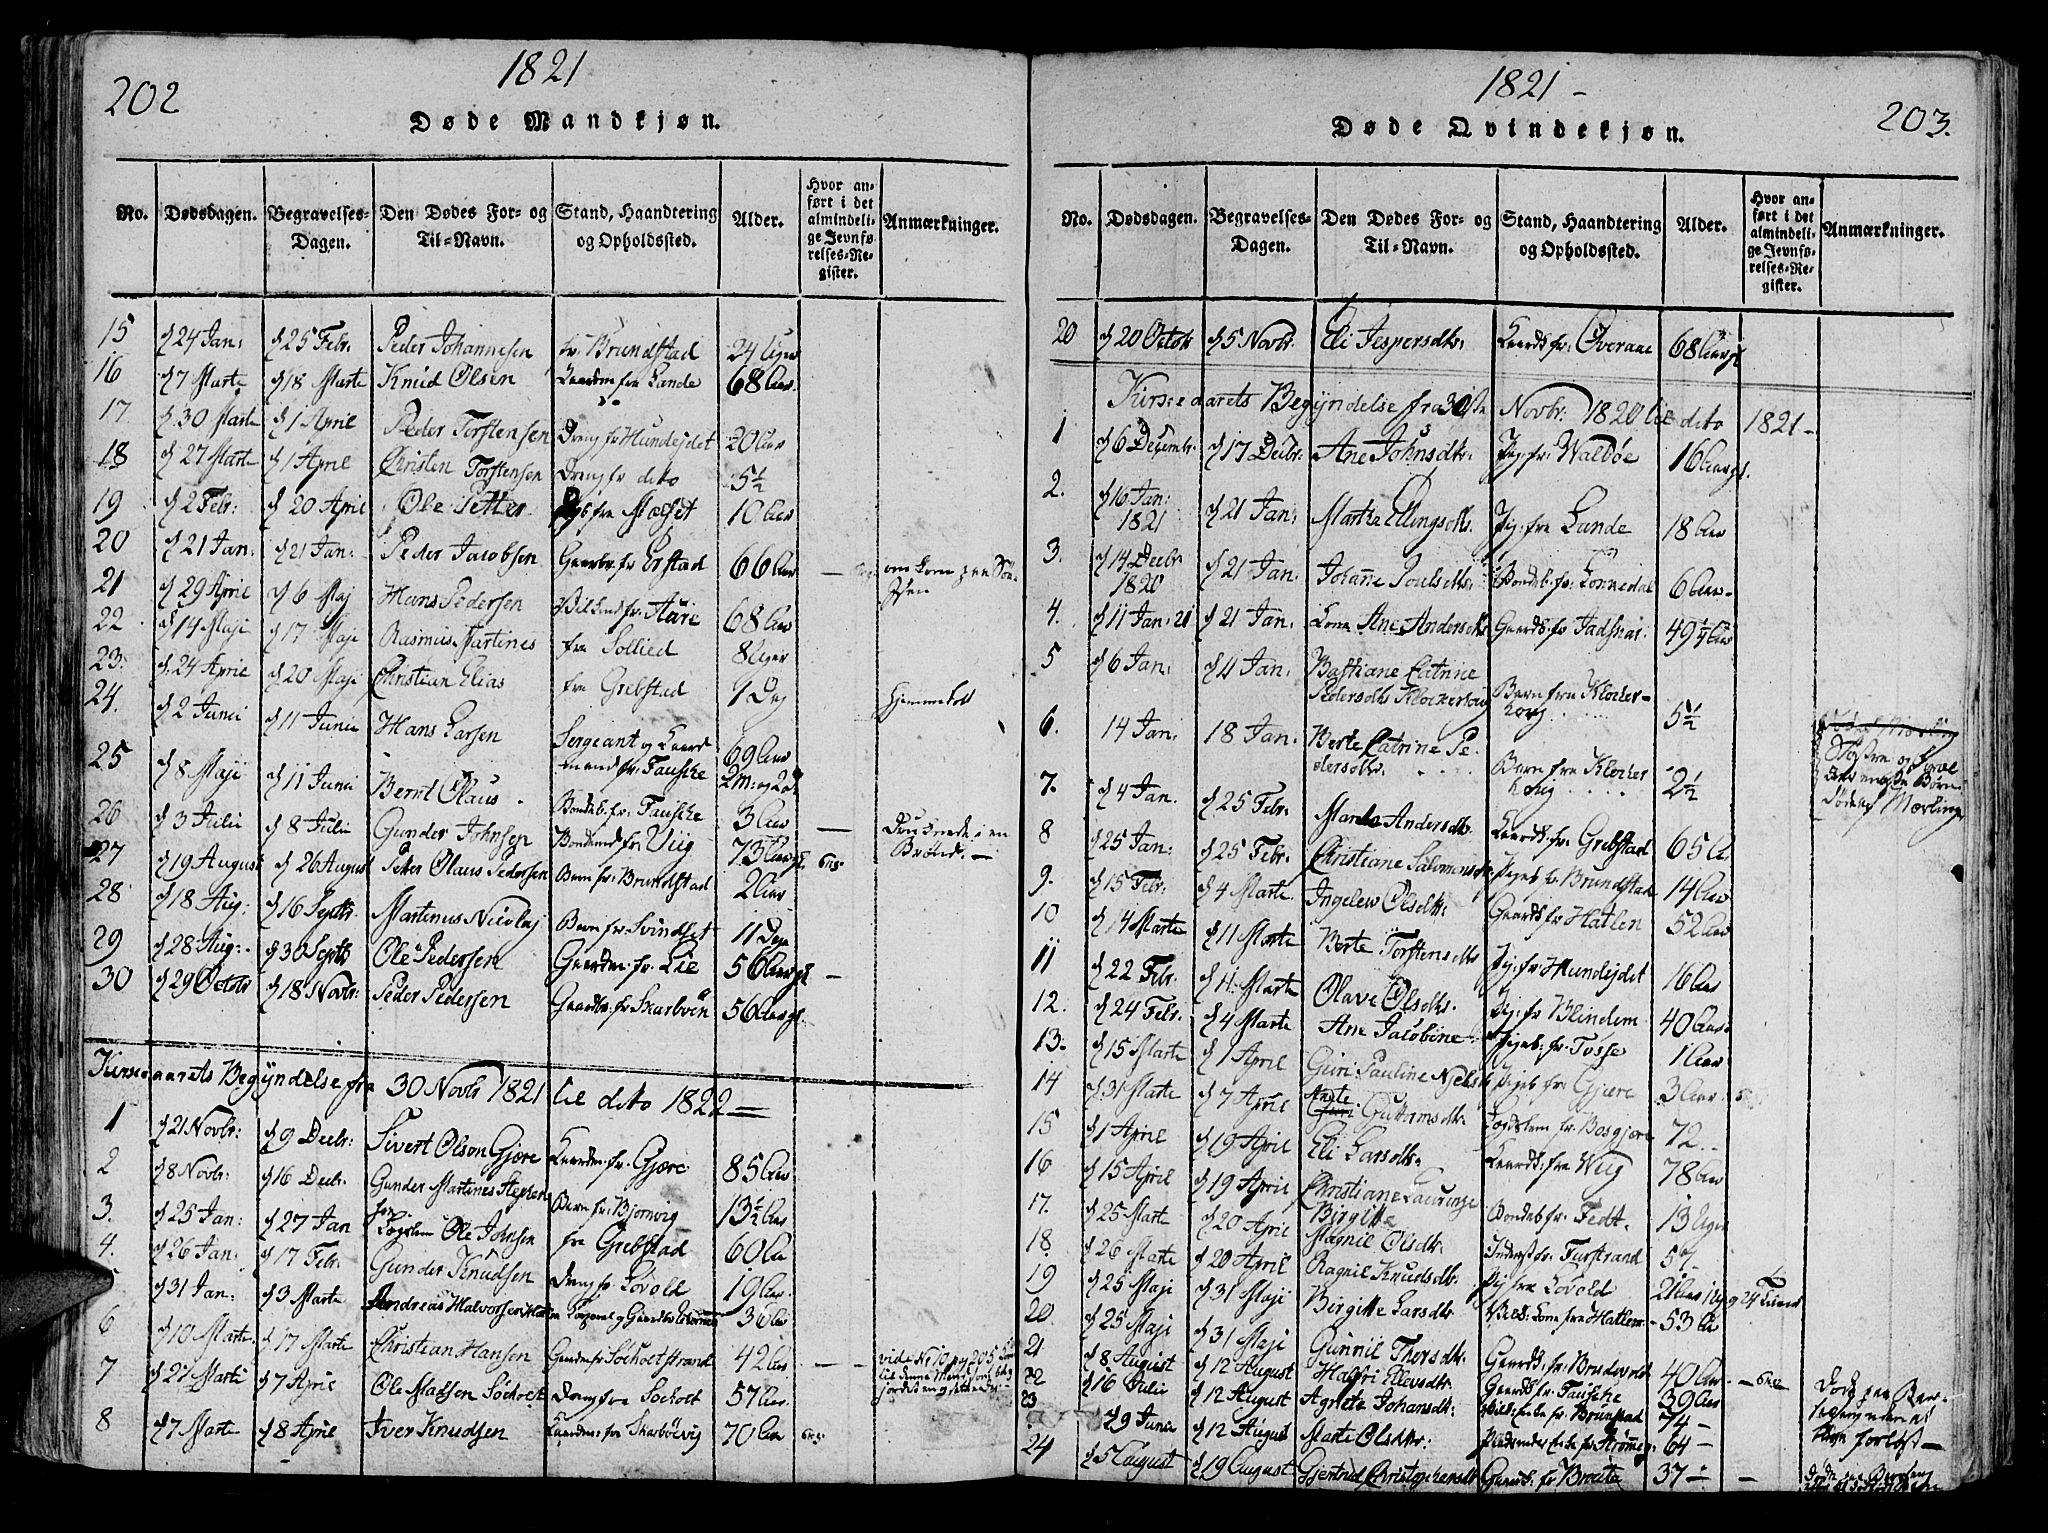 SAT, Ministerialprotokoller, klokkerbøker og fødselsregistre - Møre og Romsdal, 522/L0310: Ministerialbok nr. 522A05, 1816-1832, s. 202-203